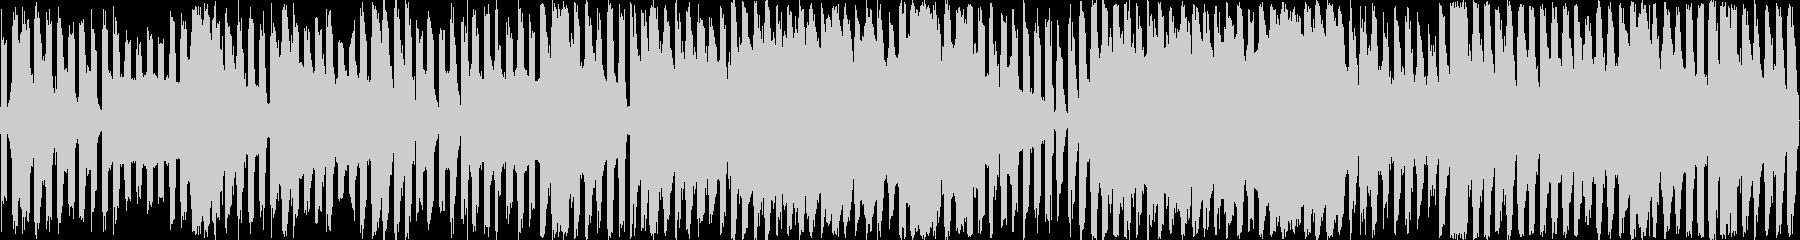 レトロゲームBGMを現代風にした楽曲の未再生の波形